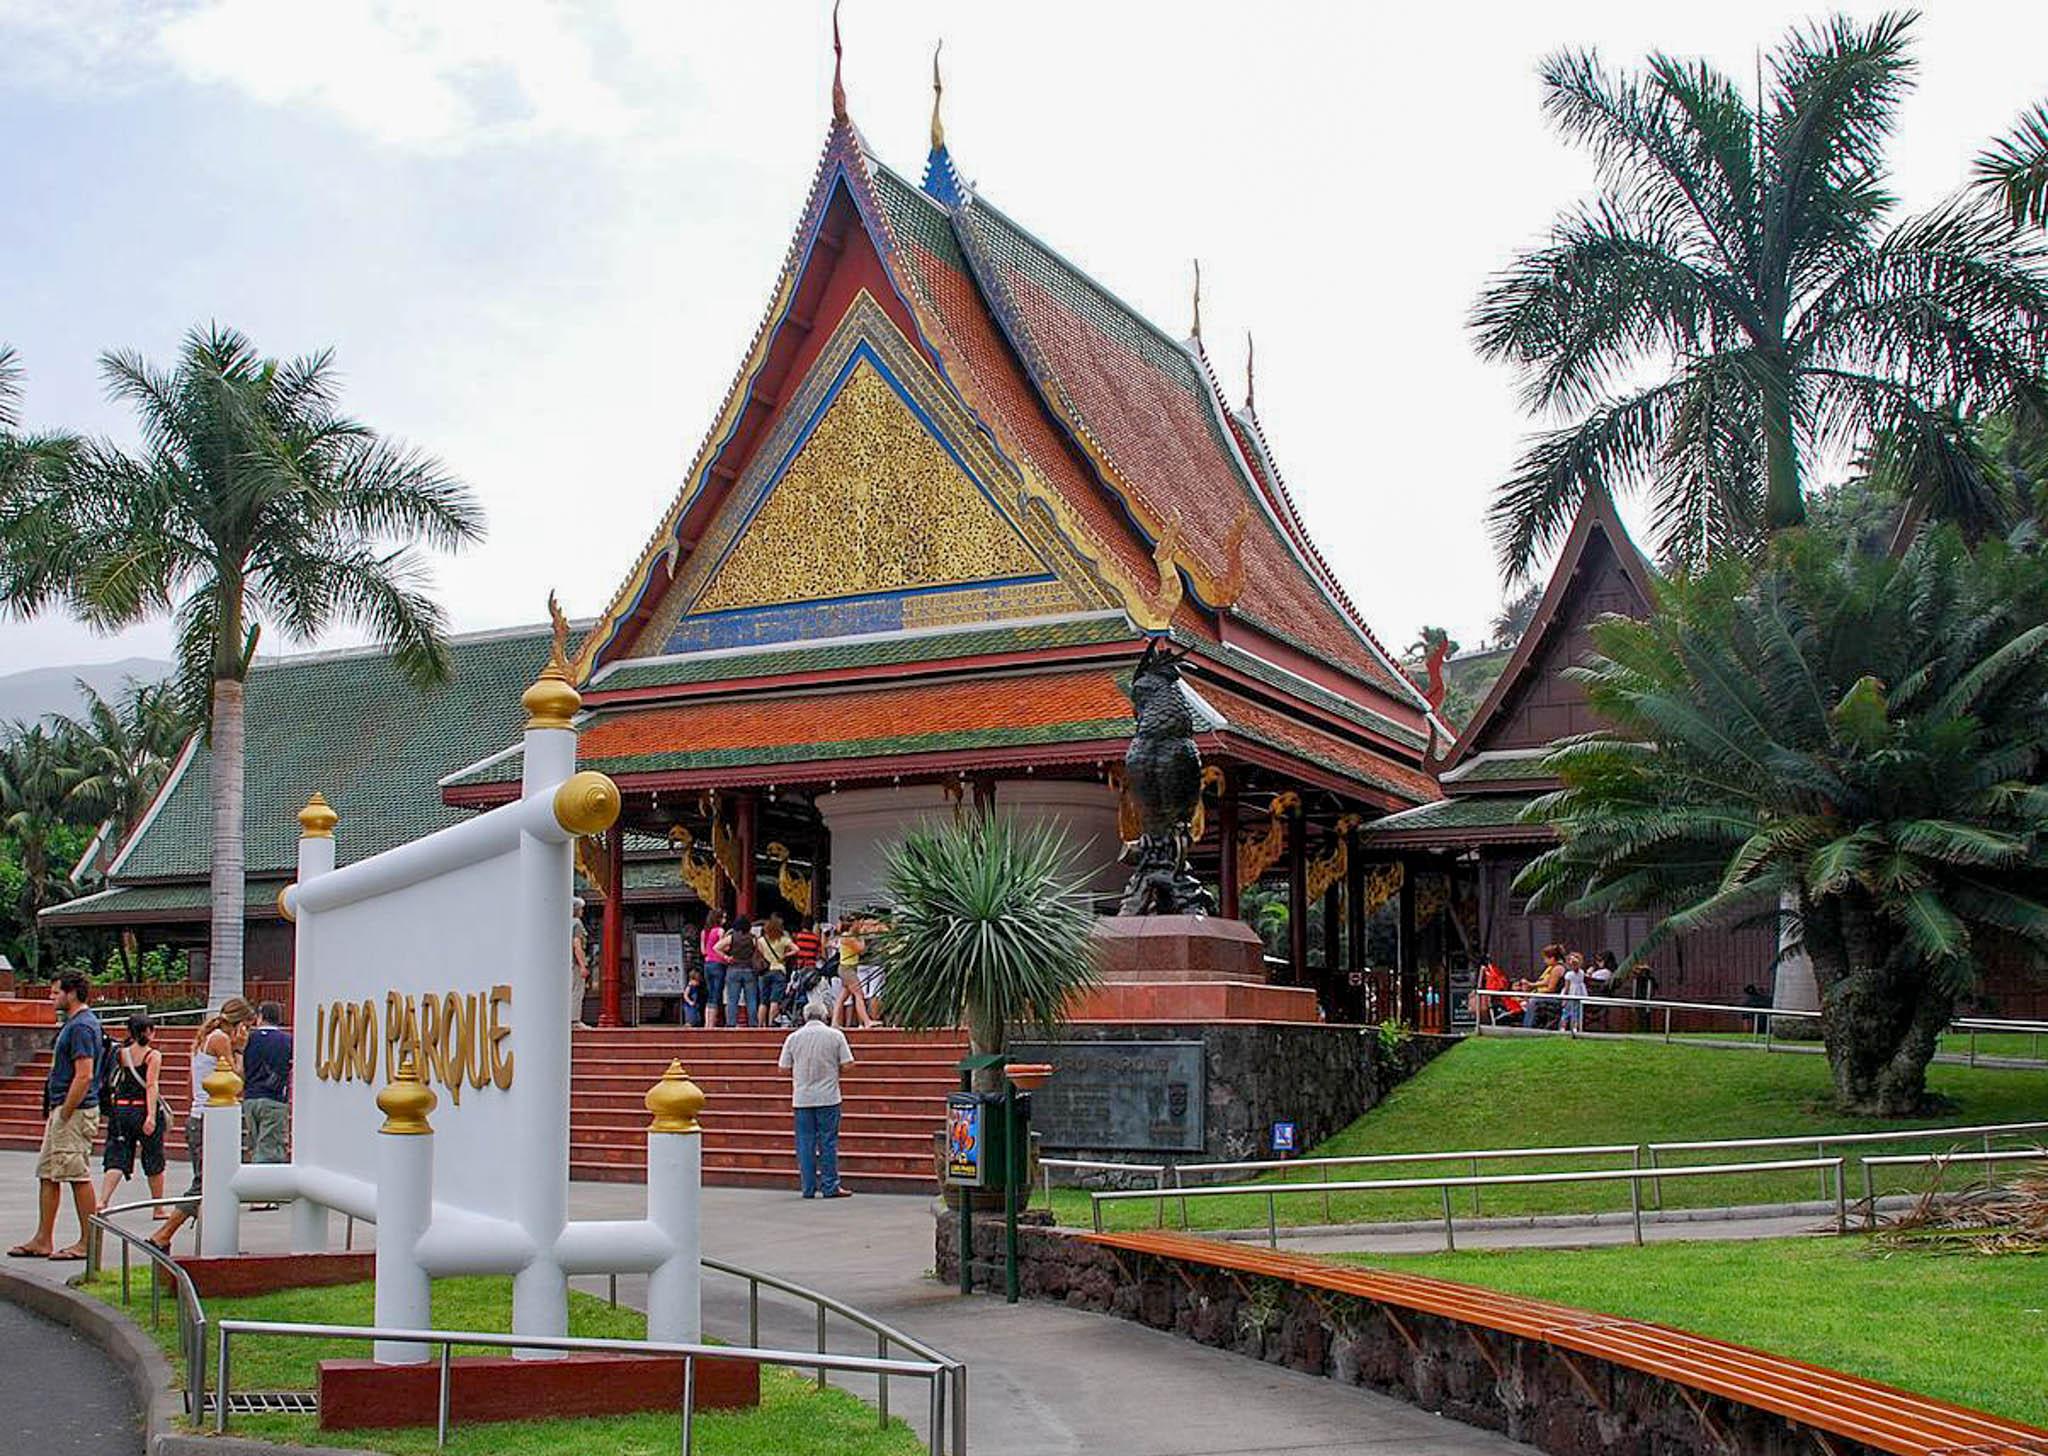 Die 3 besten Freizeitparks auf Teneriffa (Loro Parque, Siam Park, Jungle Park)